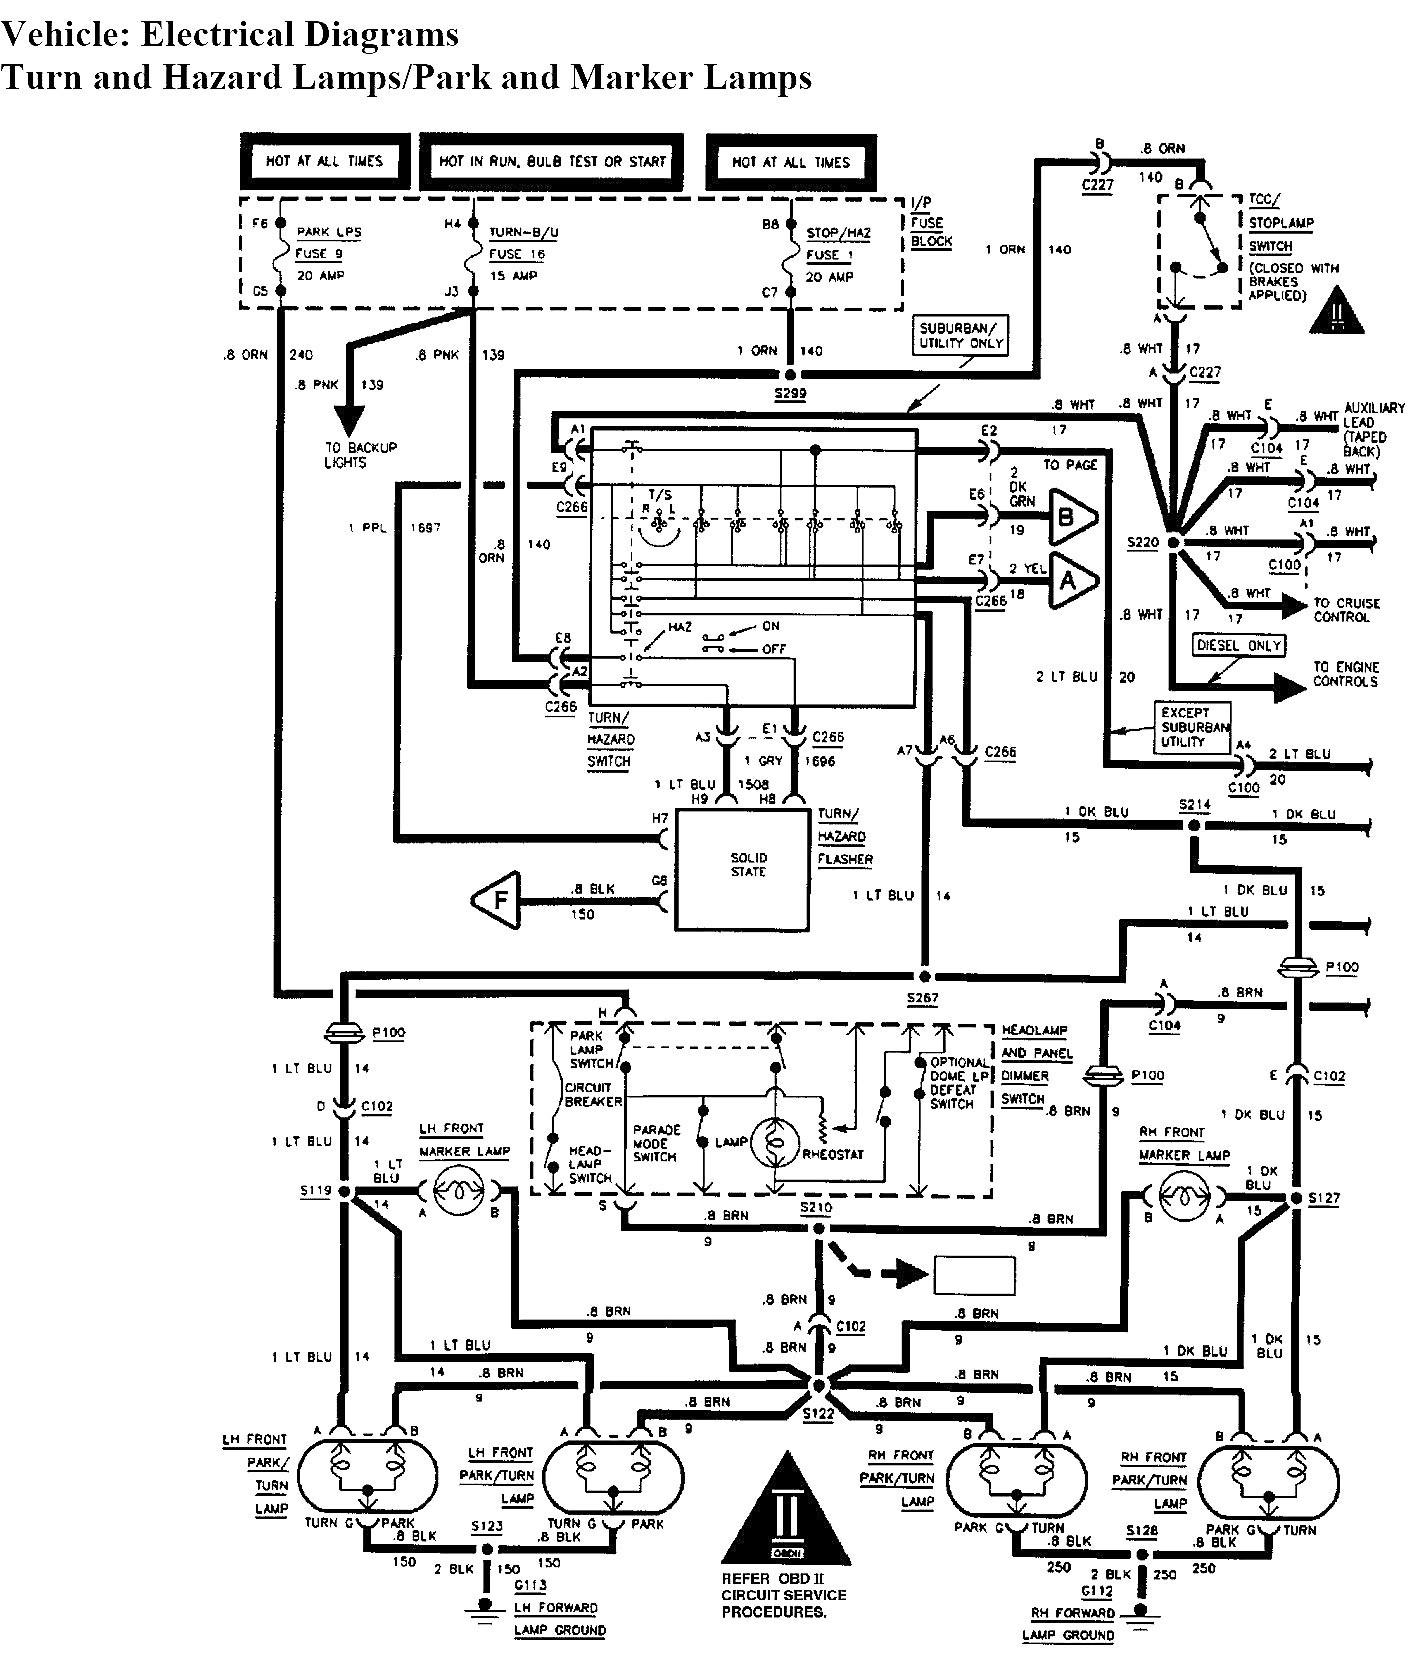 Chevy Silverado Tail Light Wiring Diagram Beautiful